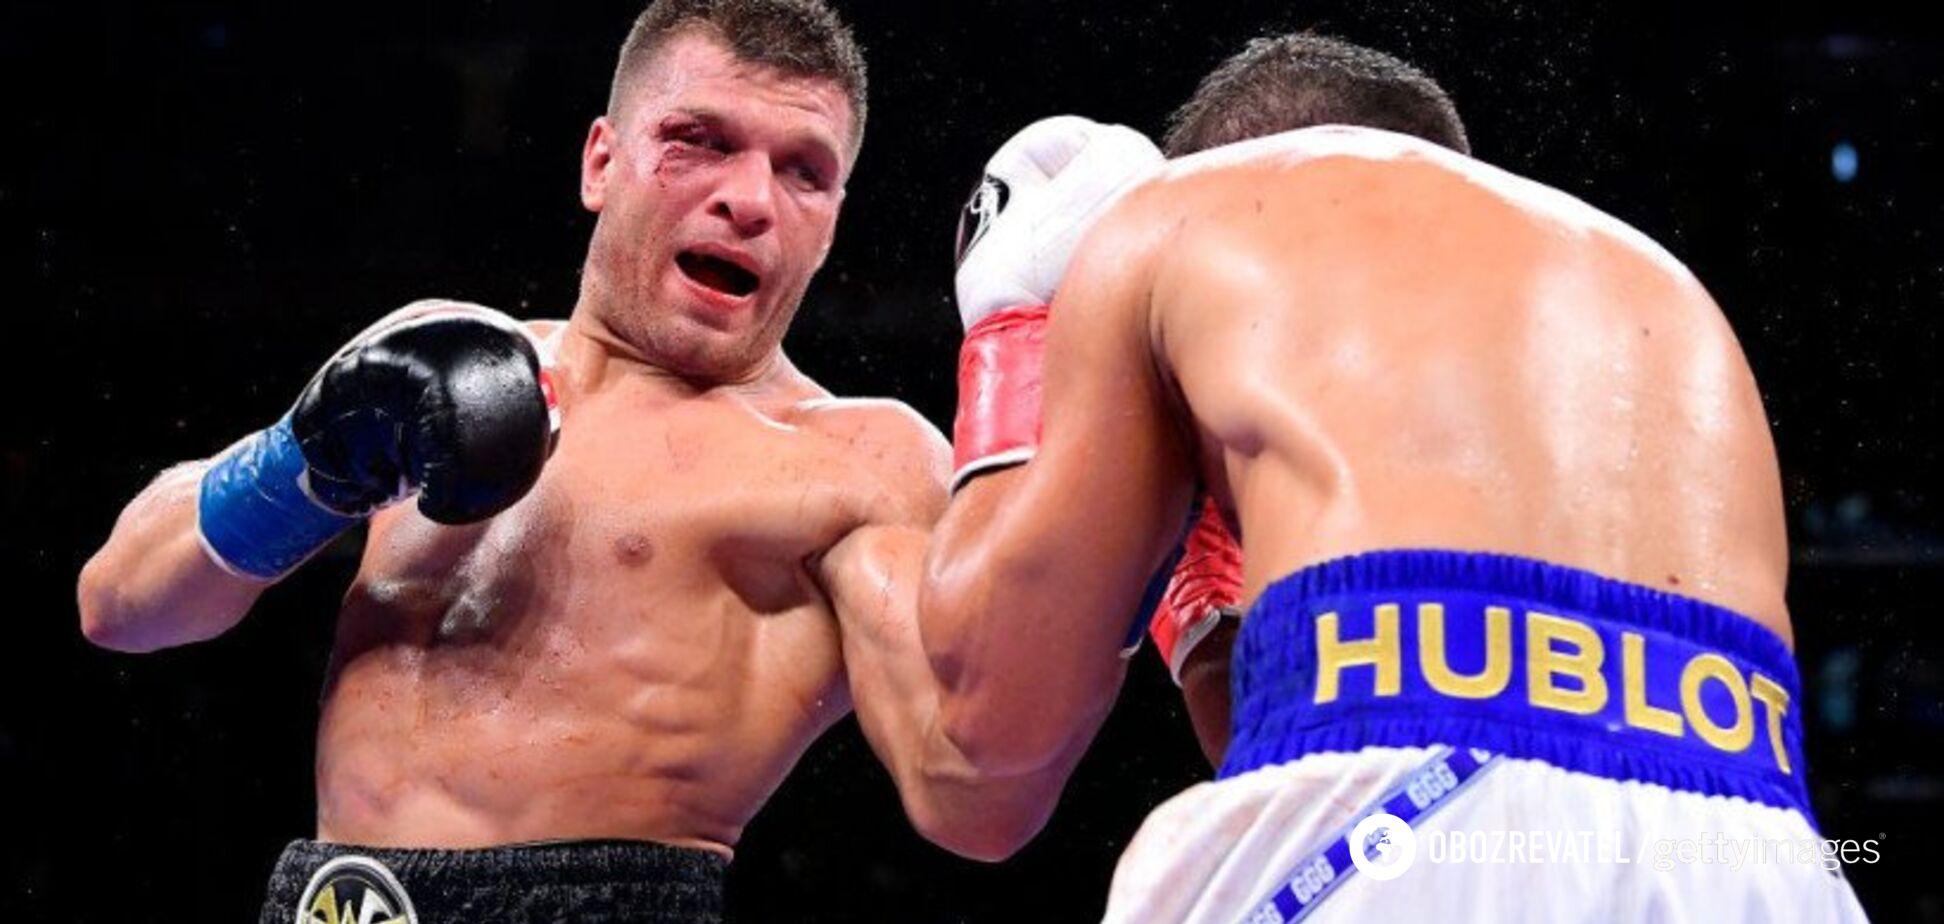 'Трапилося щось дивне': Дерев'янченко вперше прокоментував бій із Головкіним